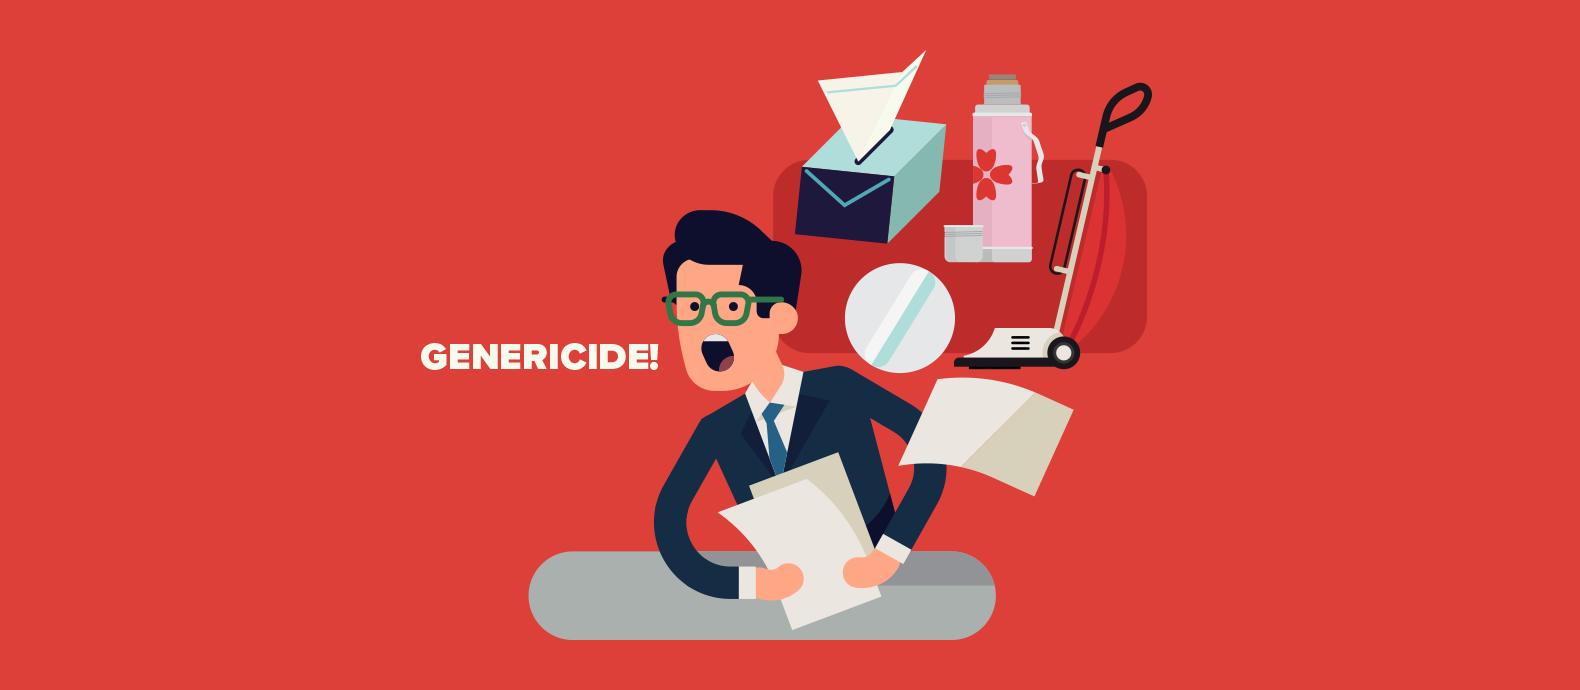 Genericide and trademark genericism